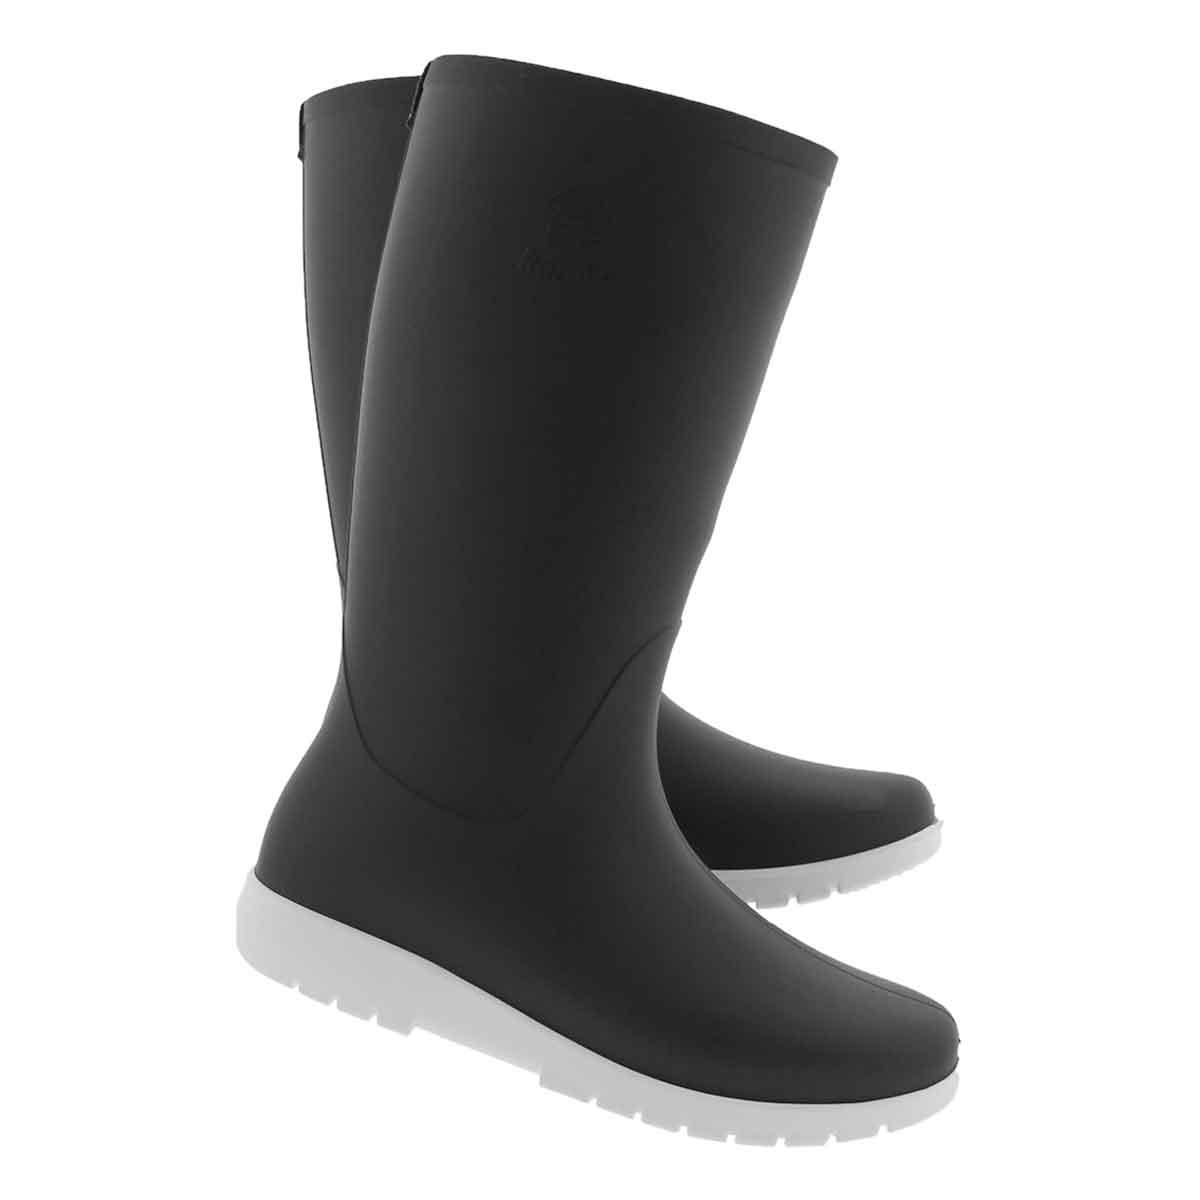 Lds Jessie blk/wht mid wtpf rain boot